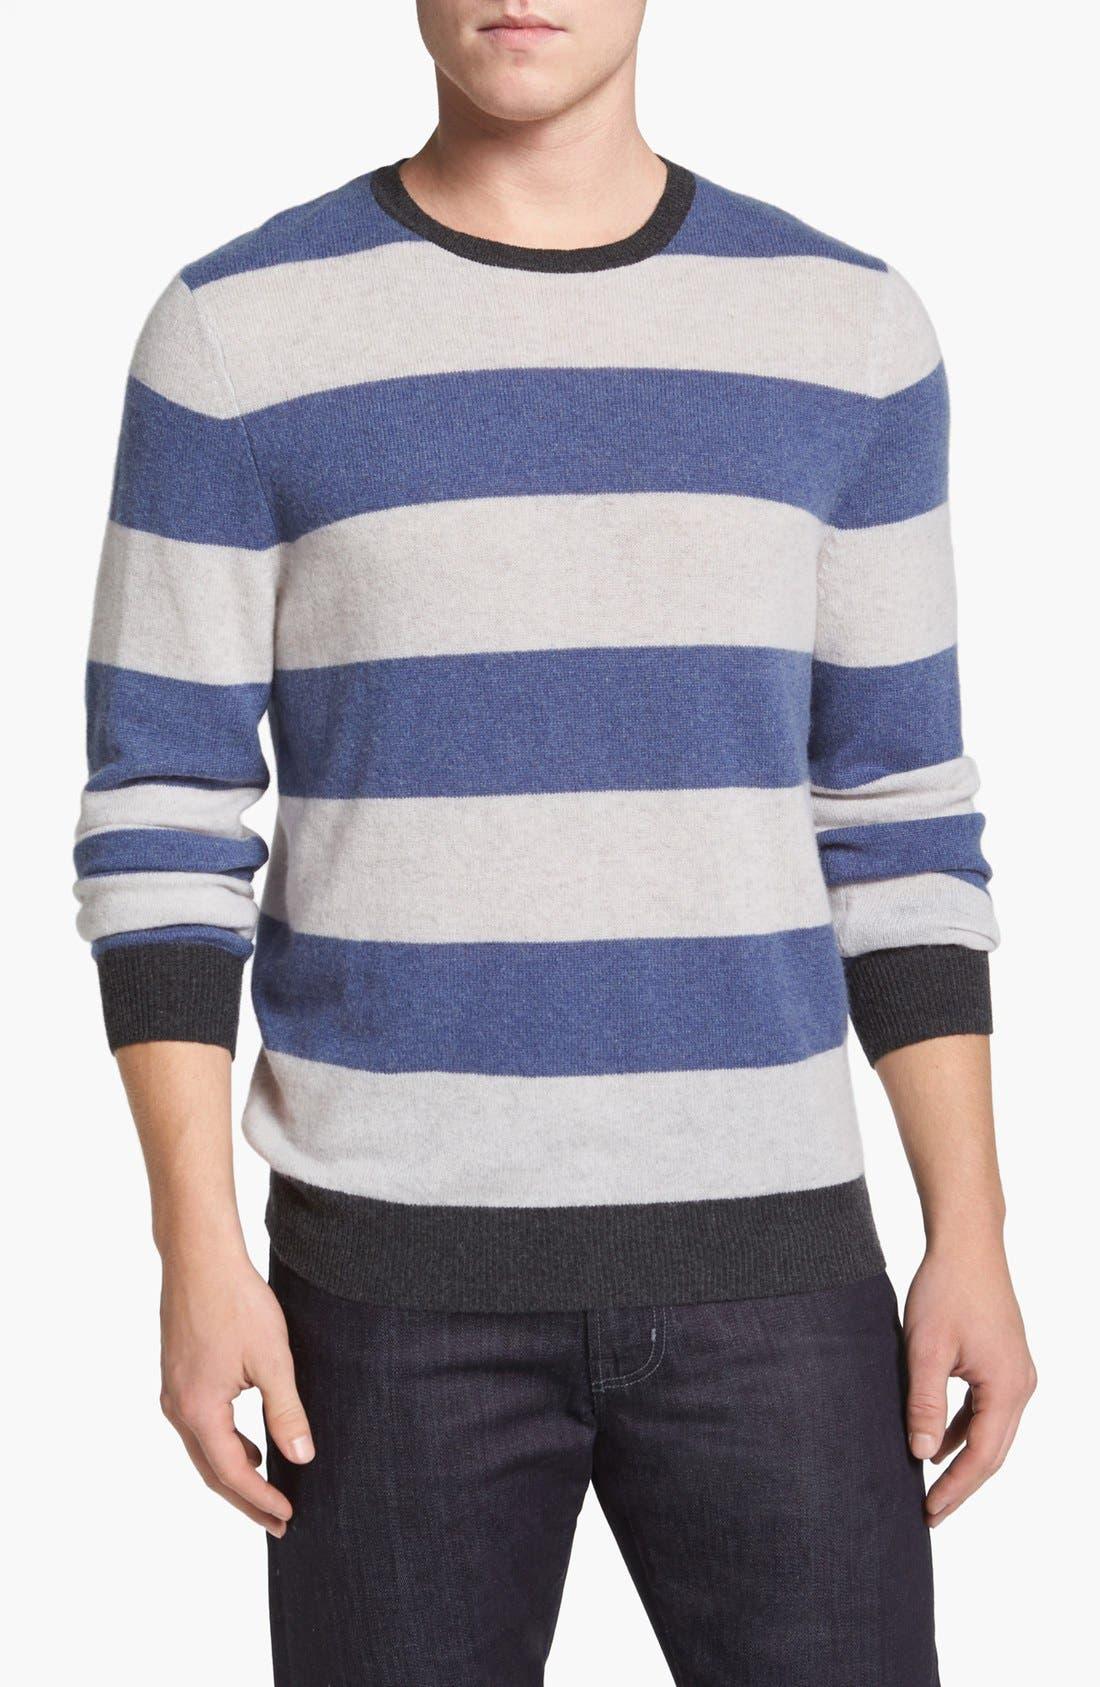 Alternate Image 1 Selected - 1901 Stripe Cashmere Crewneck Sweater